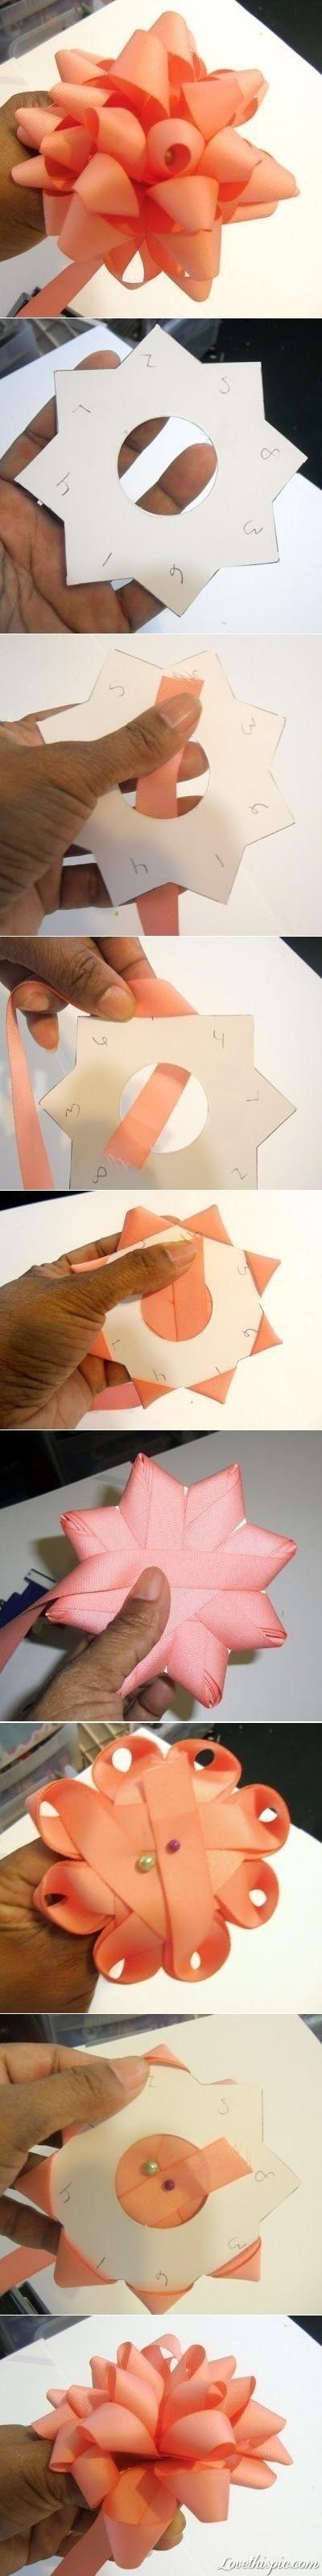 DIY Bow Ribbon diy crafts easy crafts crafty easy diy diy bow craft bow diy gifts